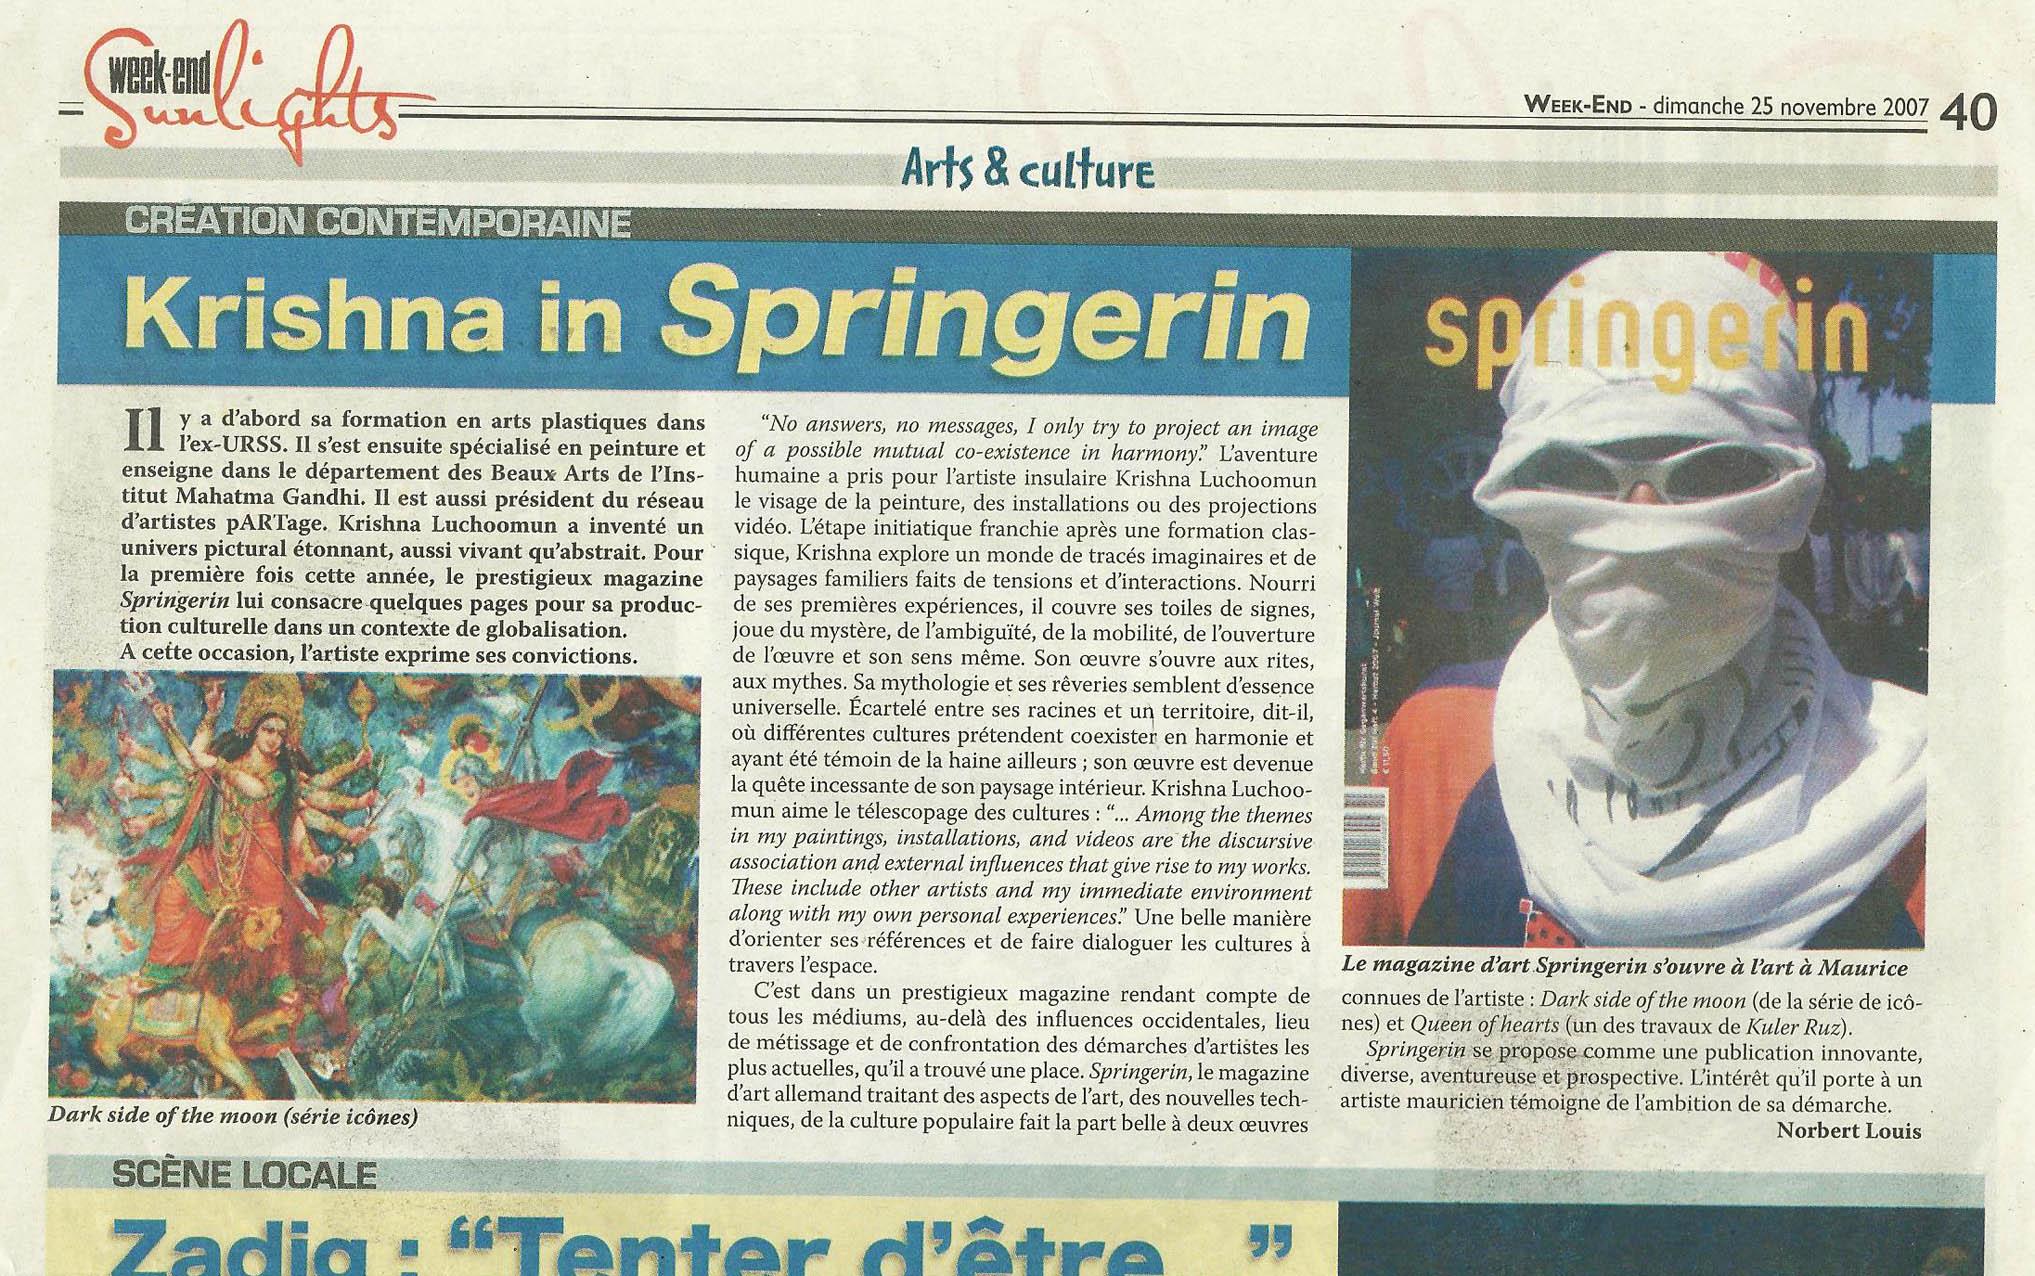 Krishna in Springerin, Week-End, 25 November 2007